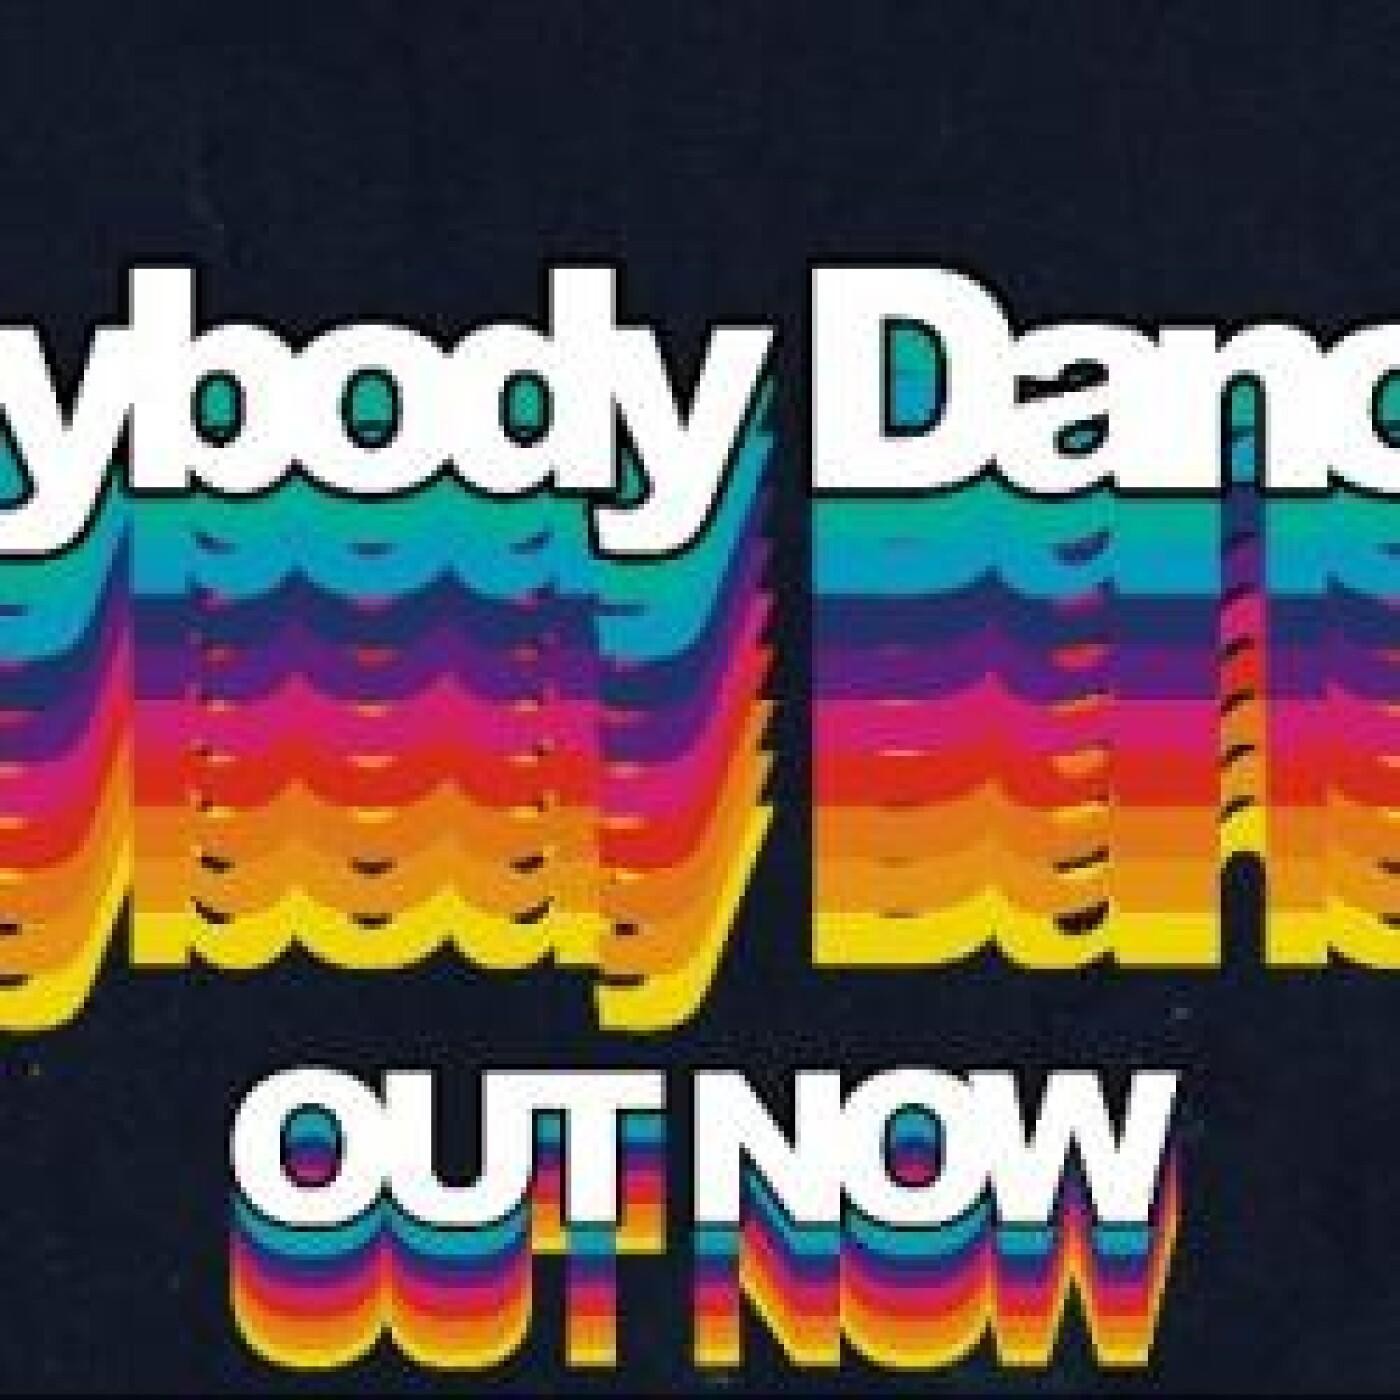 Music News de La Matinale FG : 'Everybody Dance' de Cédric Gervais, Nile Rogers et Franklin.